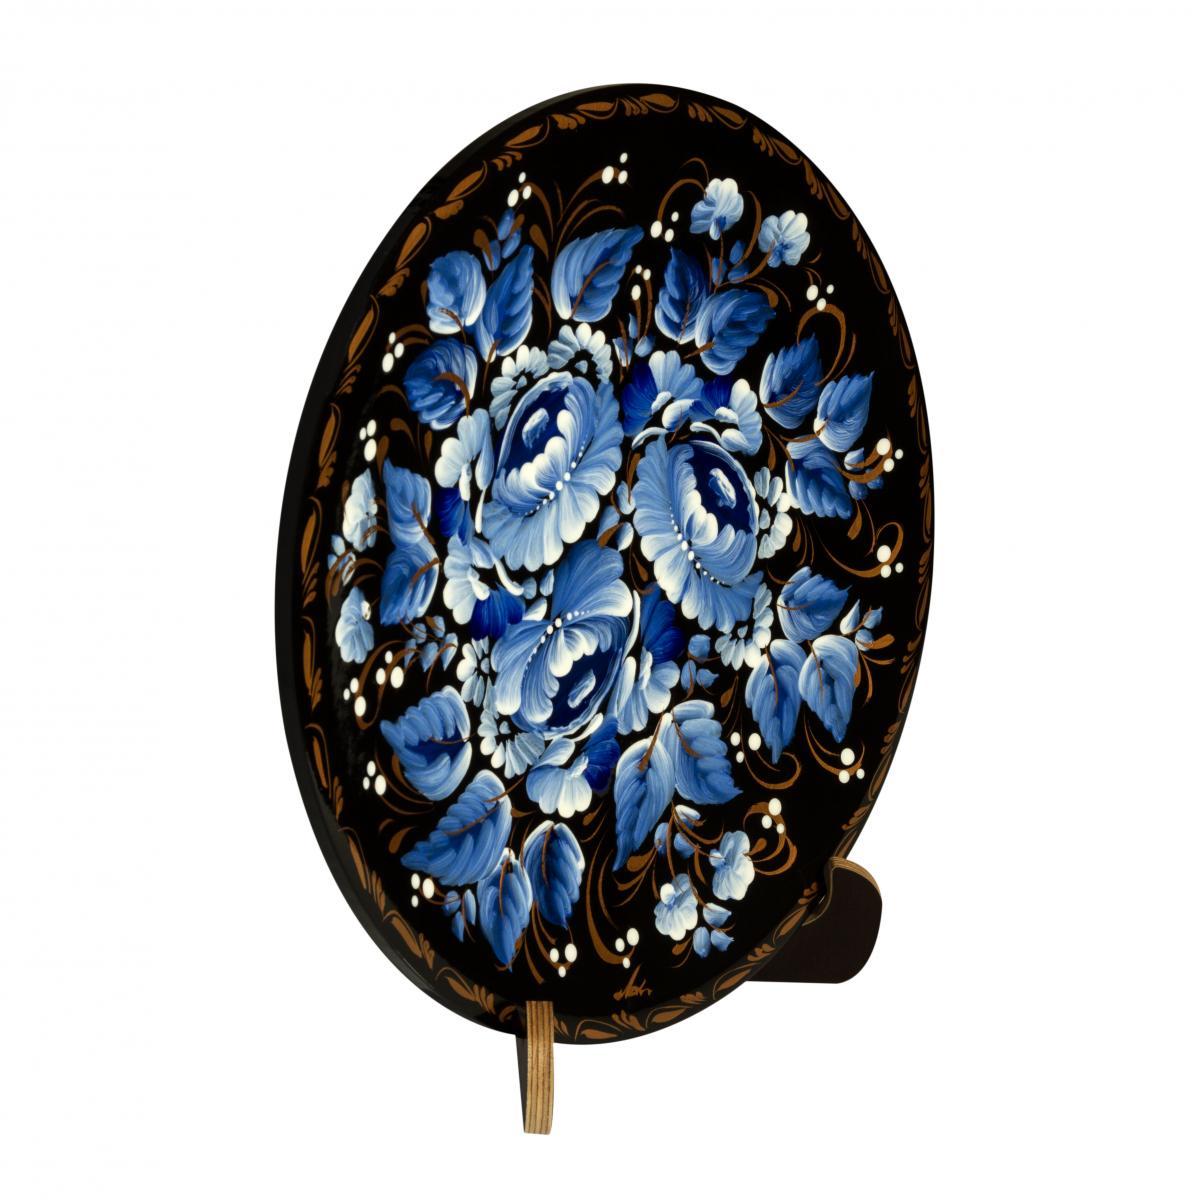 Деревянная декоративная тарелка с голубыми цветами. Фото №1. | Народный дом Украина